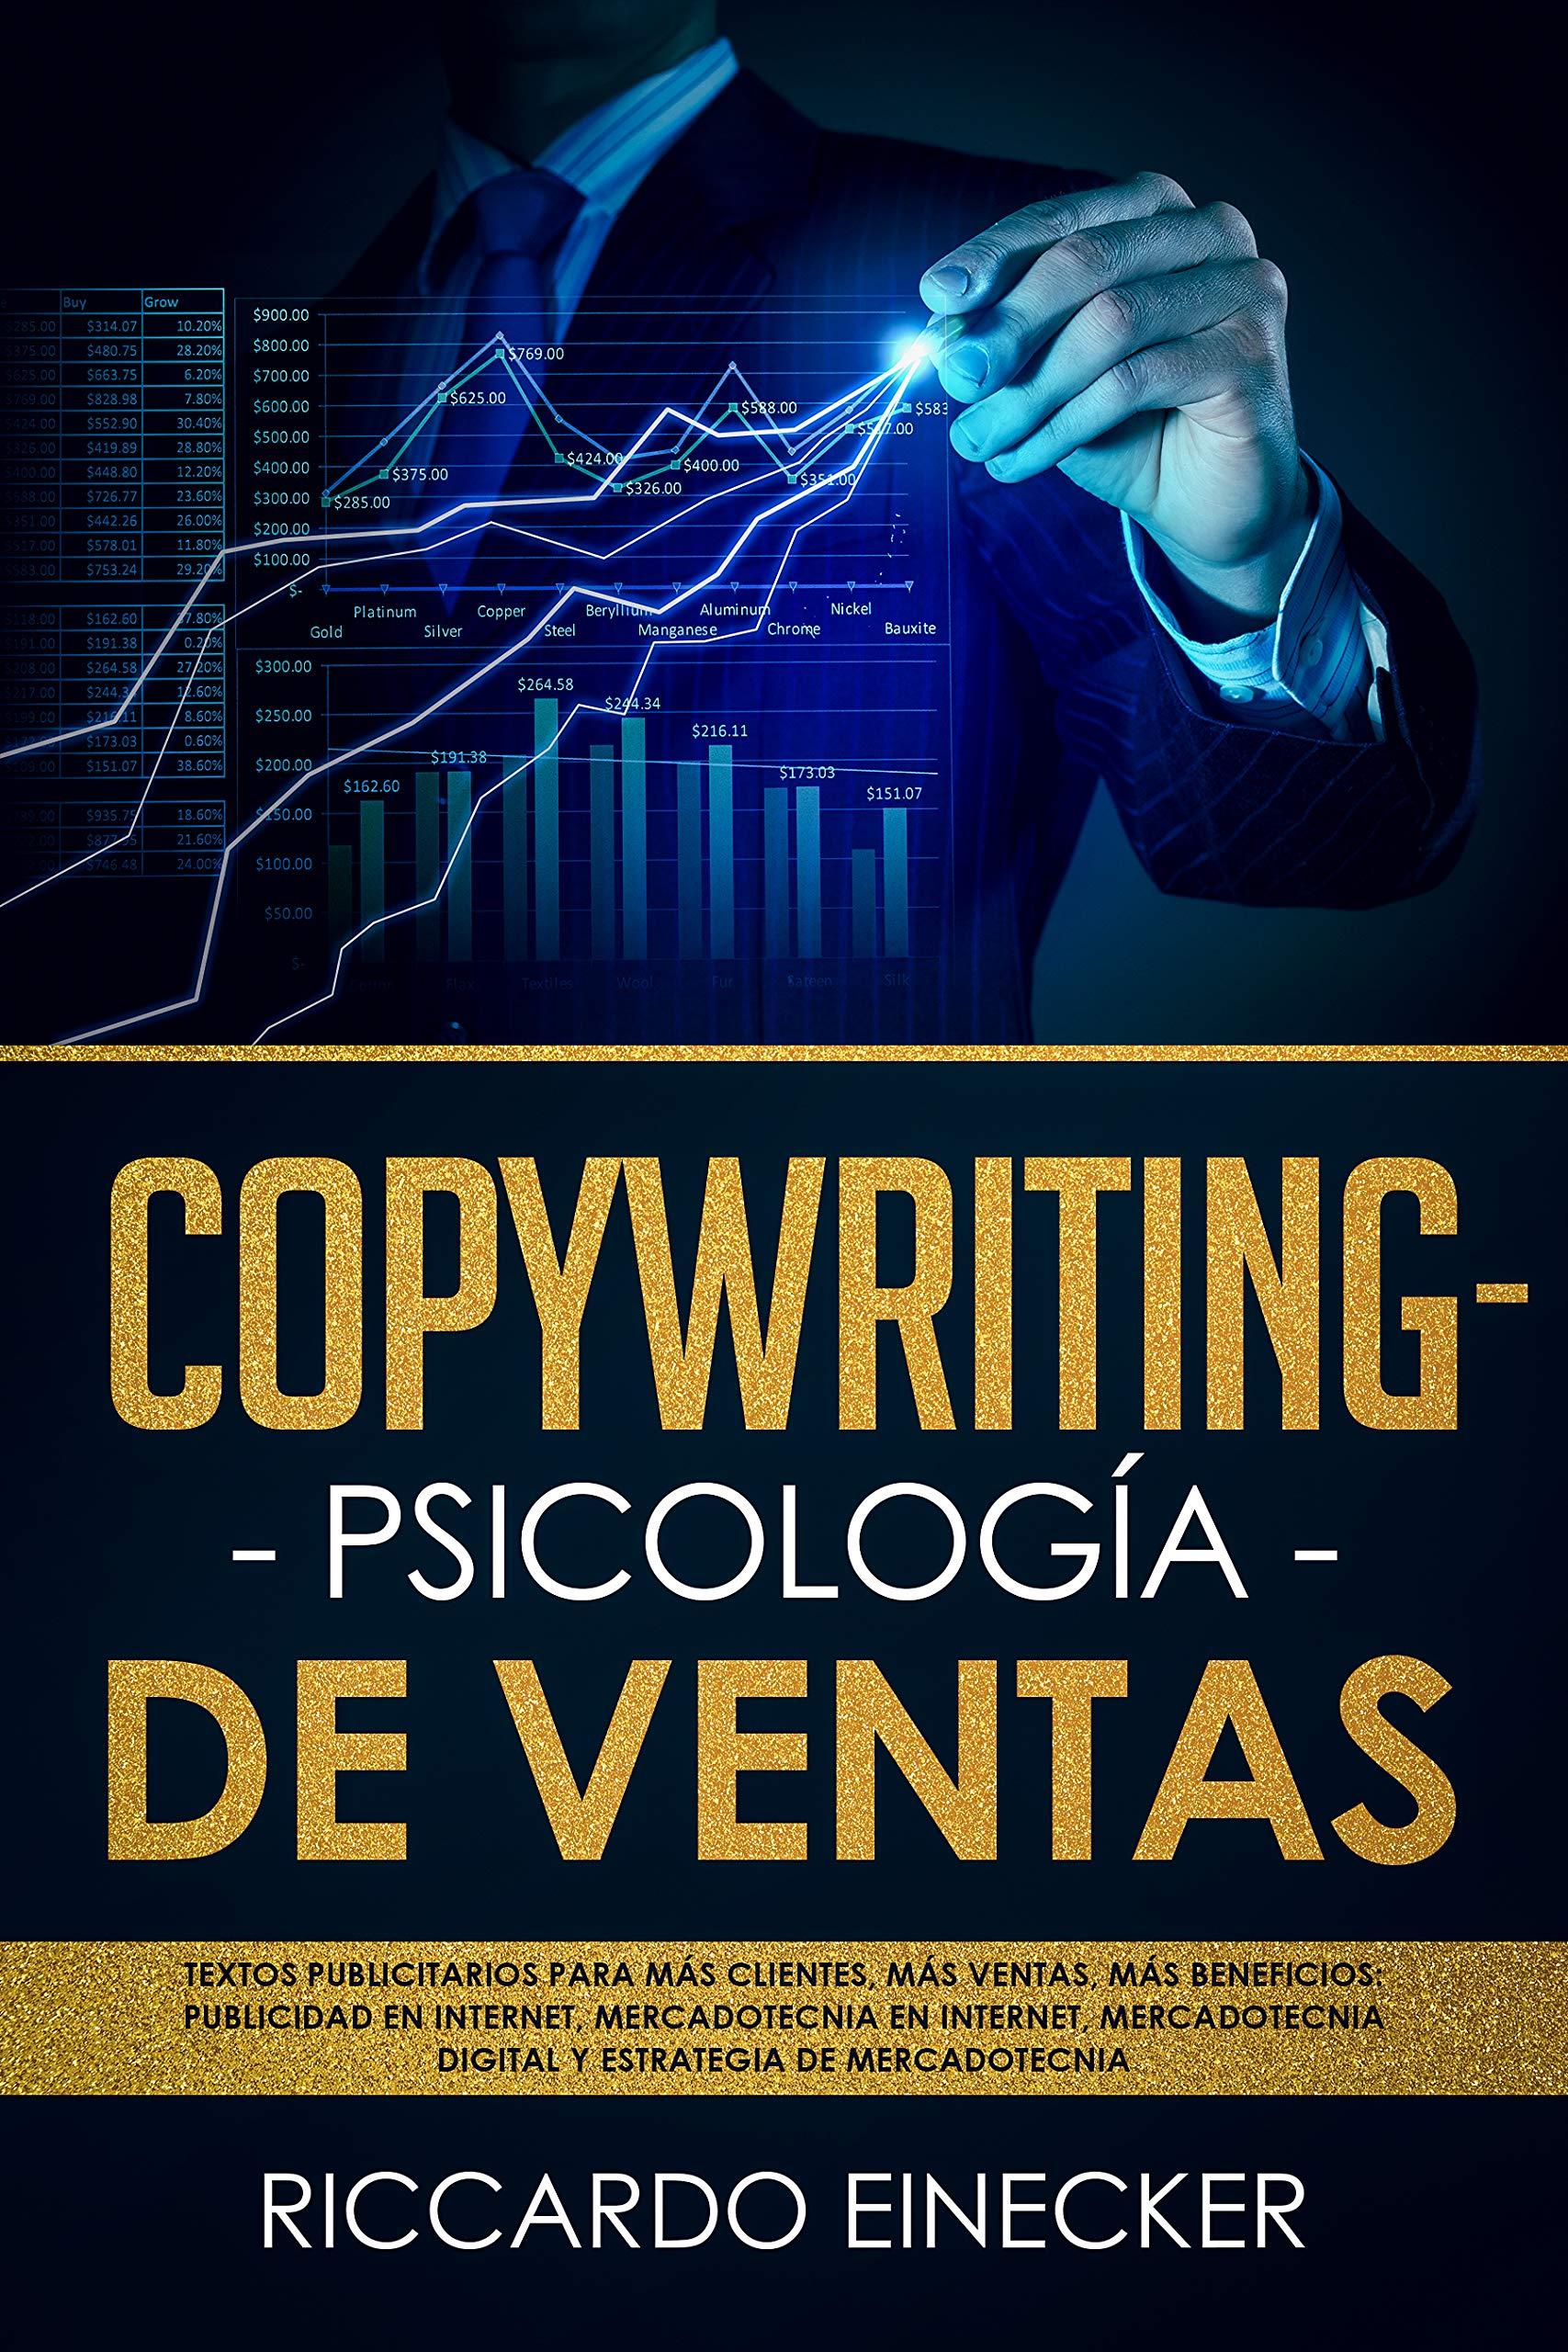 Copywriting, Psicología de Ventas: Textos publicitarios para más clientes, más ventas, más beneficios, publicidad en Internet, mercadotecnia en Internet, mercadotecnia digital (Spanish Edition)